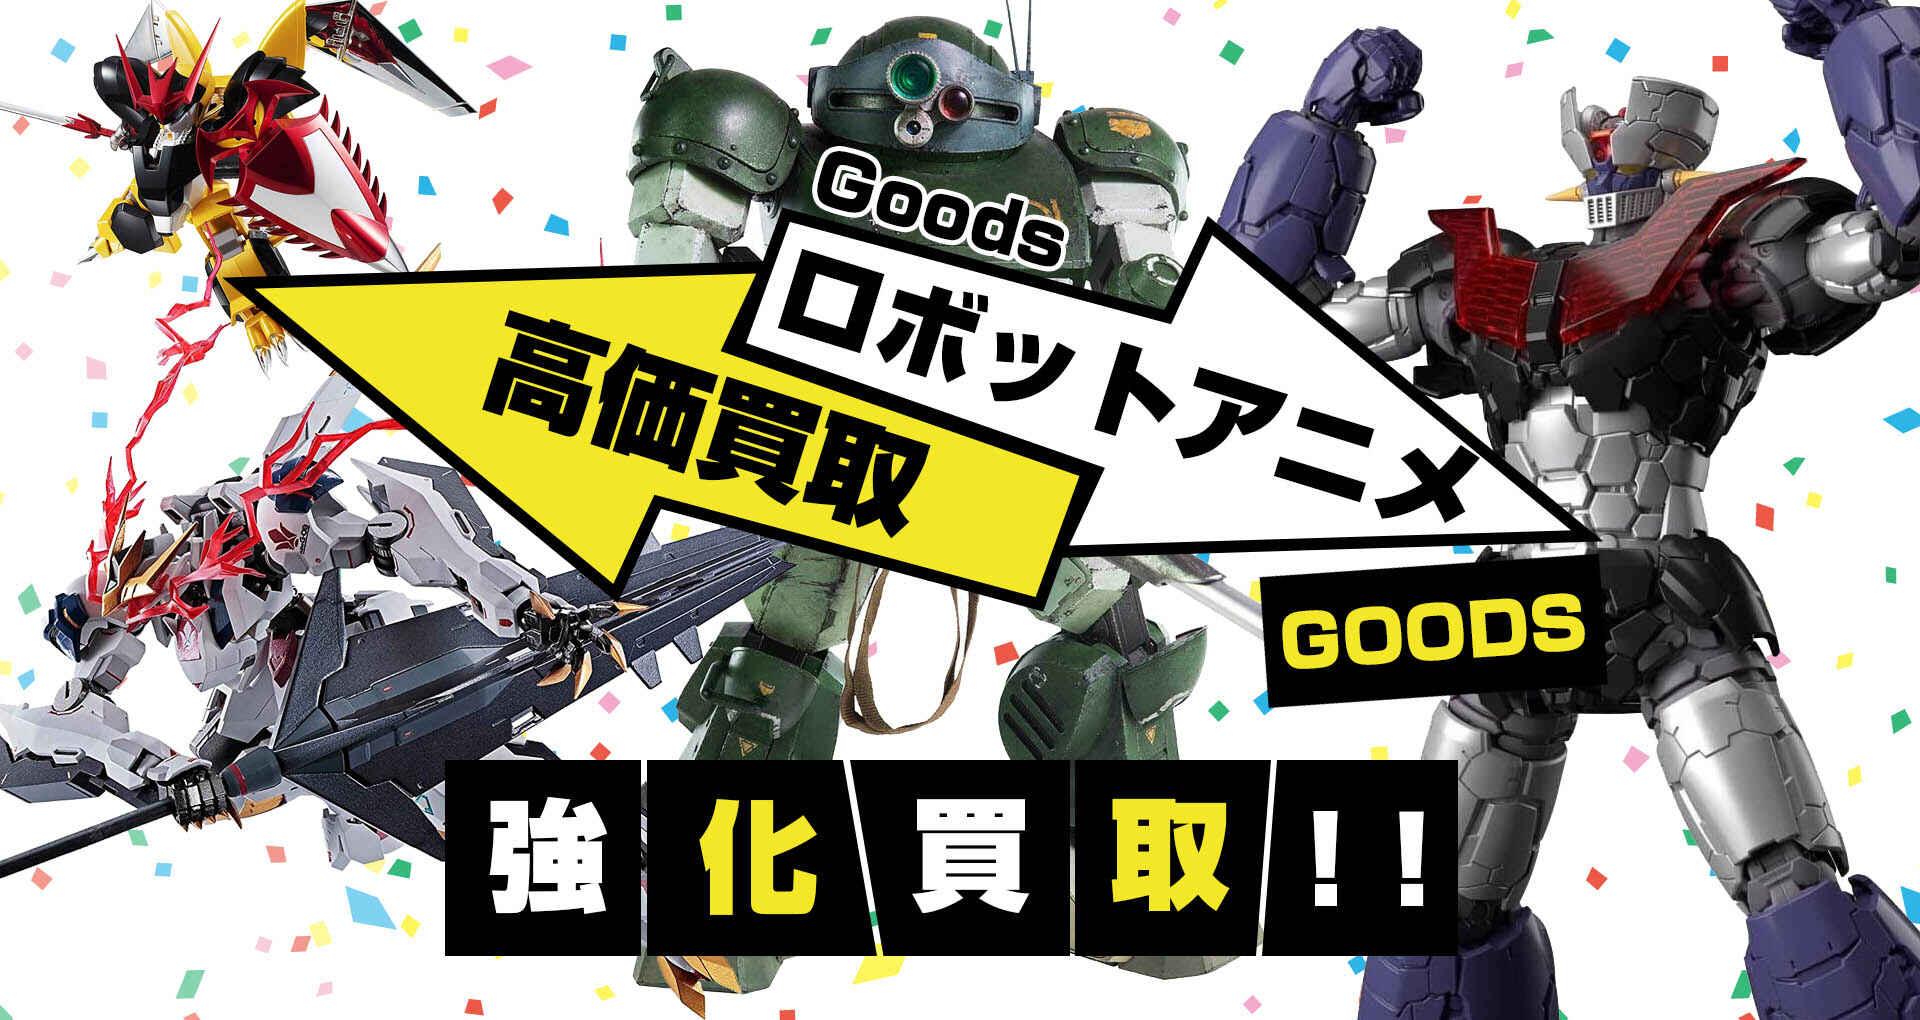 ロボットアニメグッズ高価買取【最新から当時物まで】